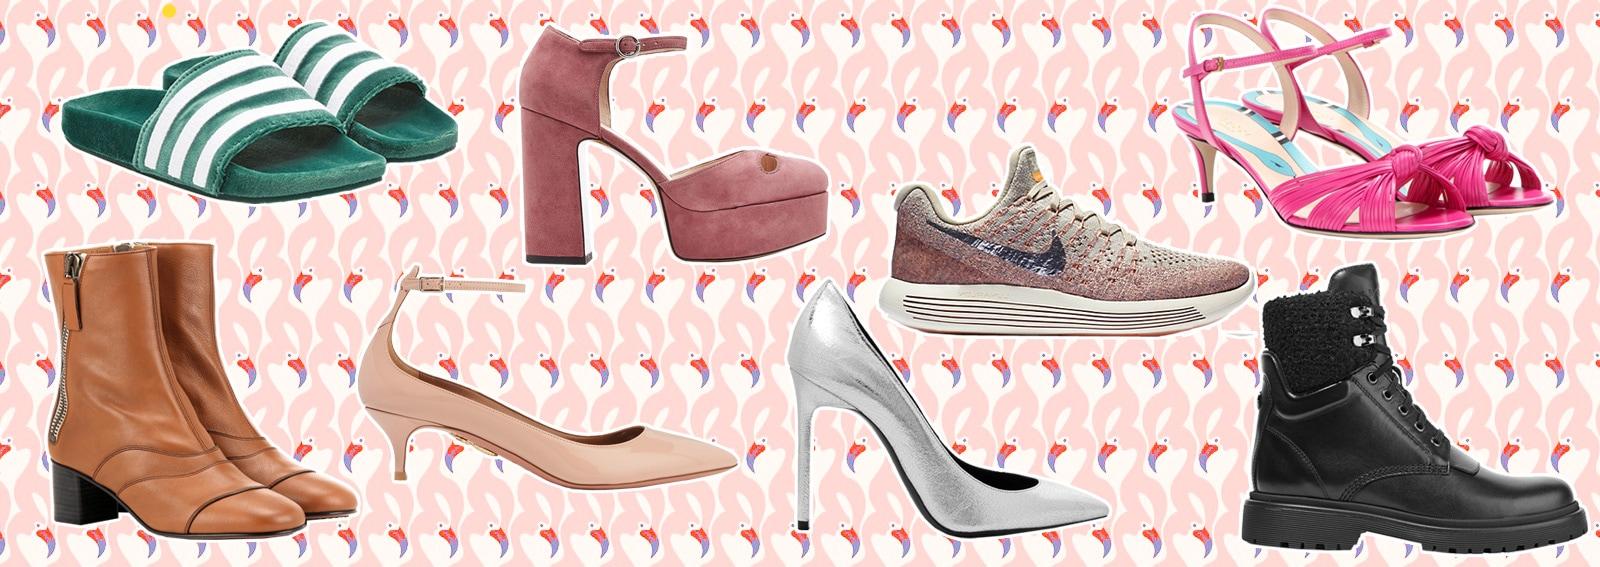 DESKTOP_scarpe_acquistre_ora